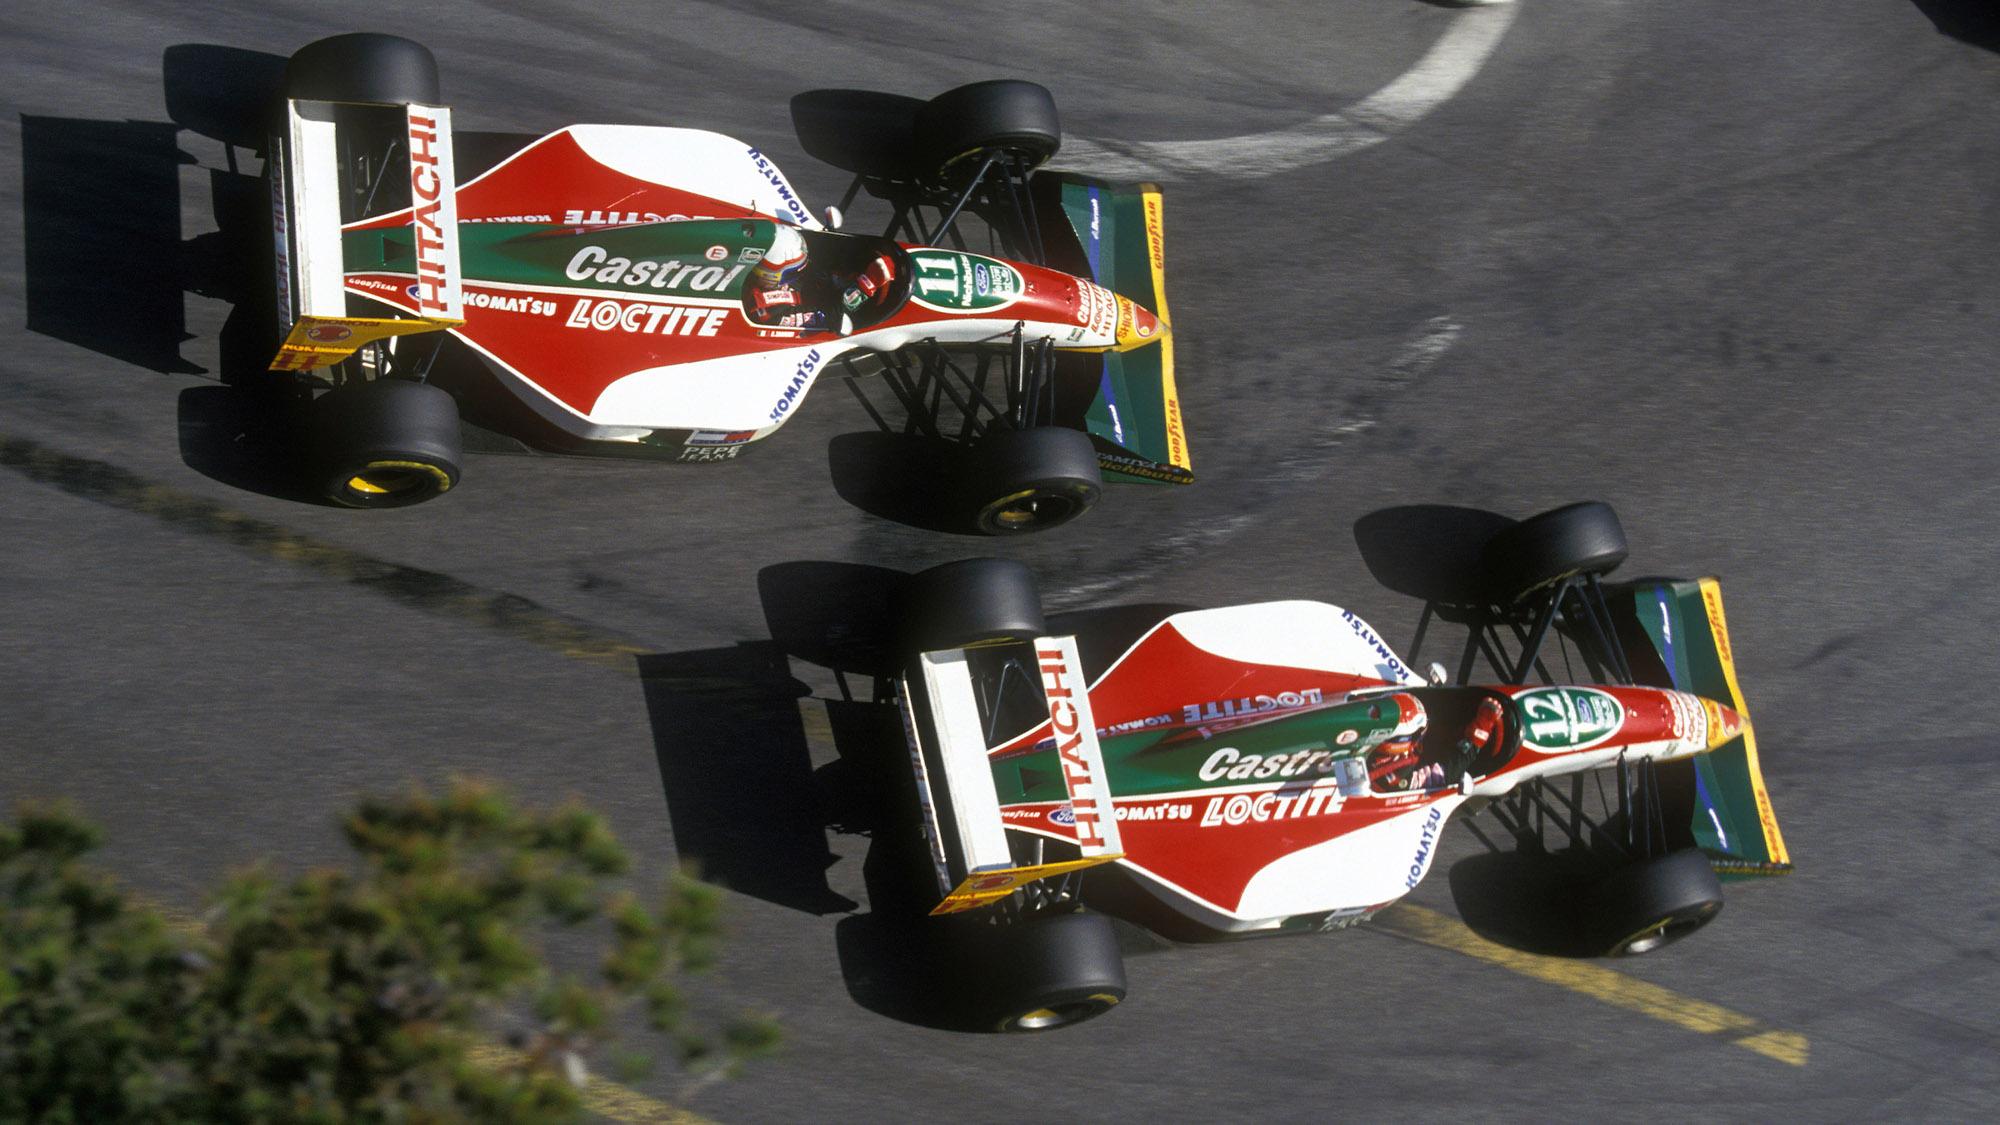 Lotus 107s in Monaco 1993